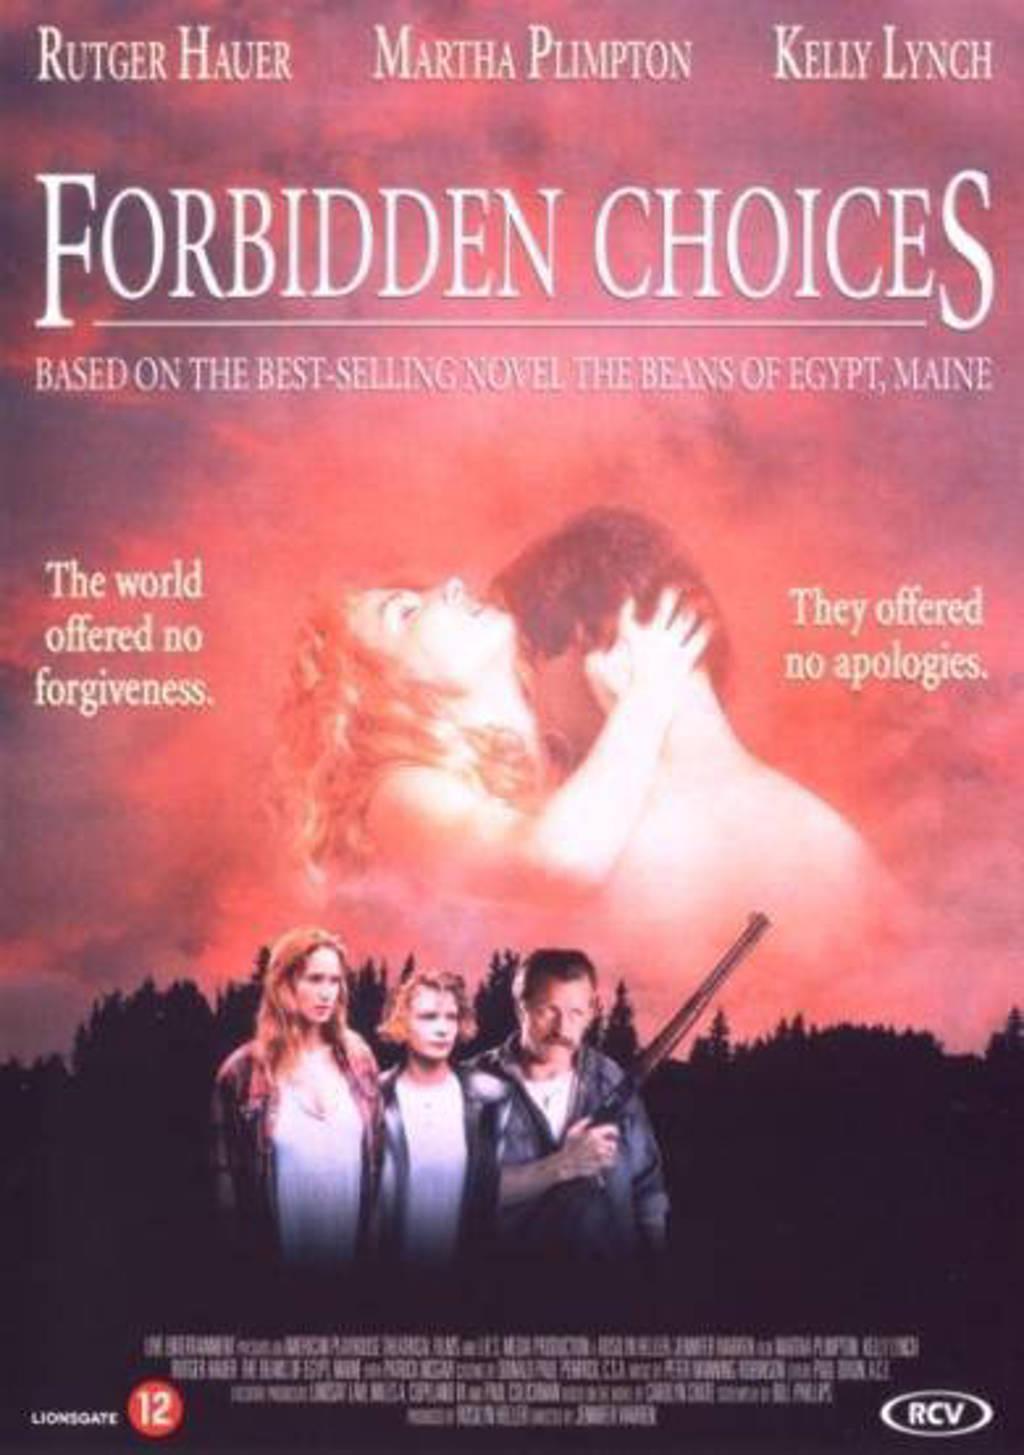 Forbidden choices (DVD)